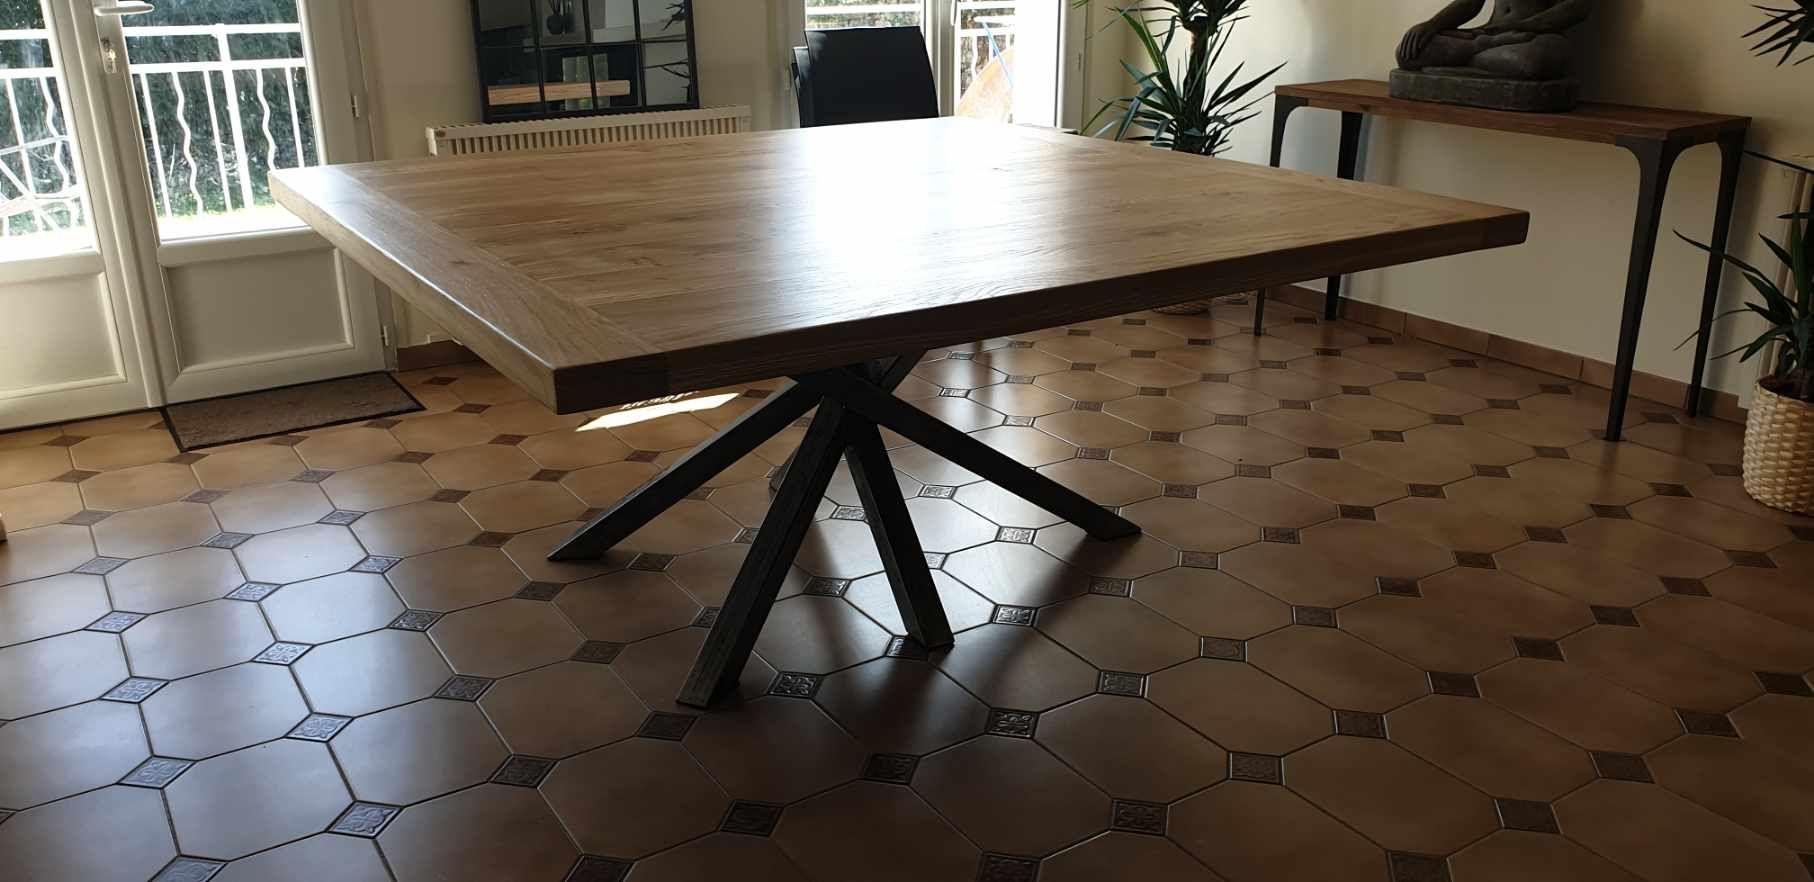 Table Carree Industrielle Sur Mesure De Salle A Manger Design Pied Mikado Salle A Manger Design Table Salle A Manger Salle A Manger Industrielle